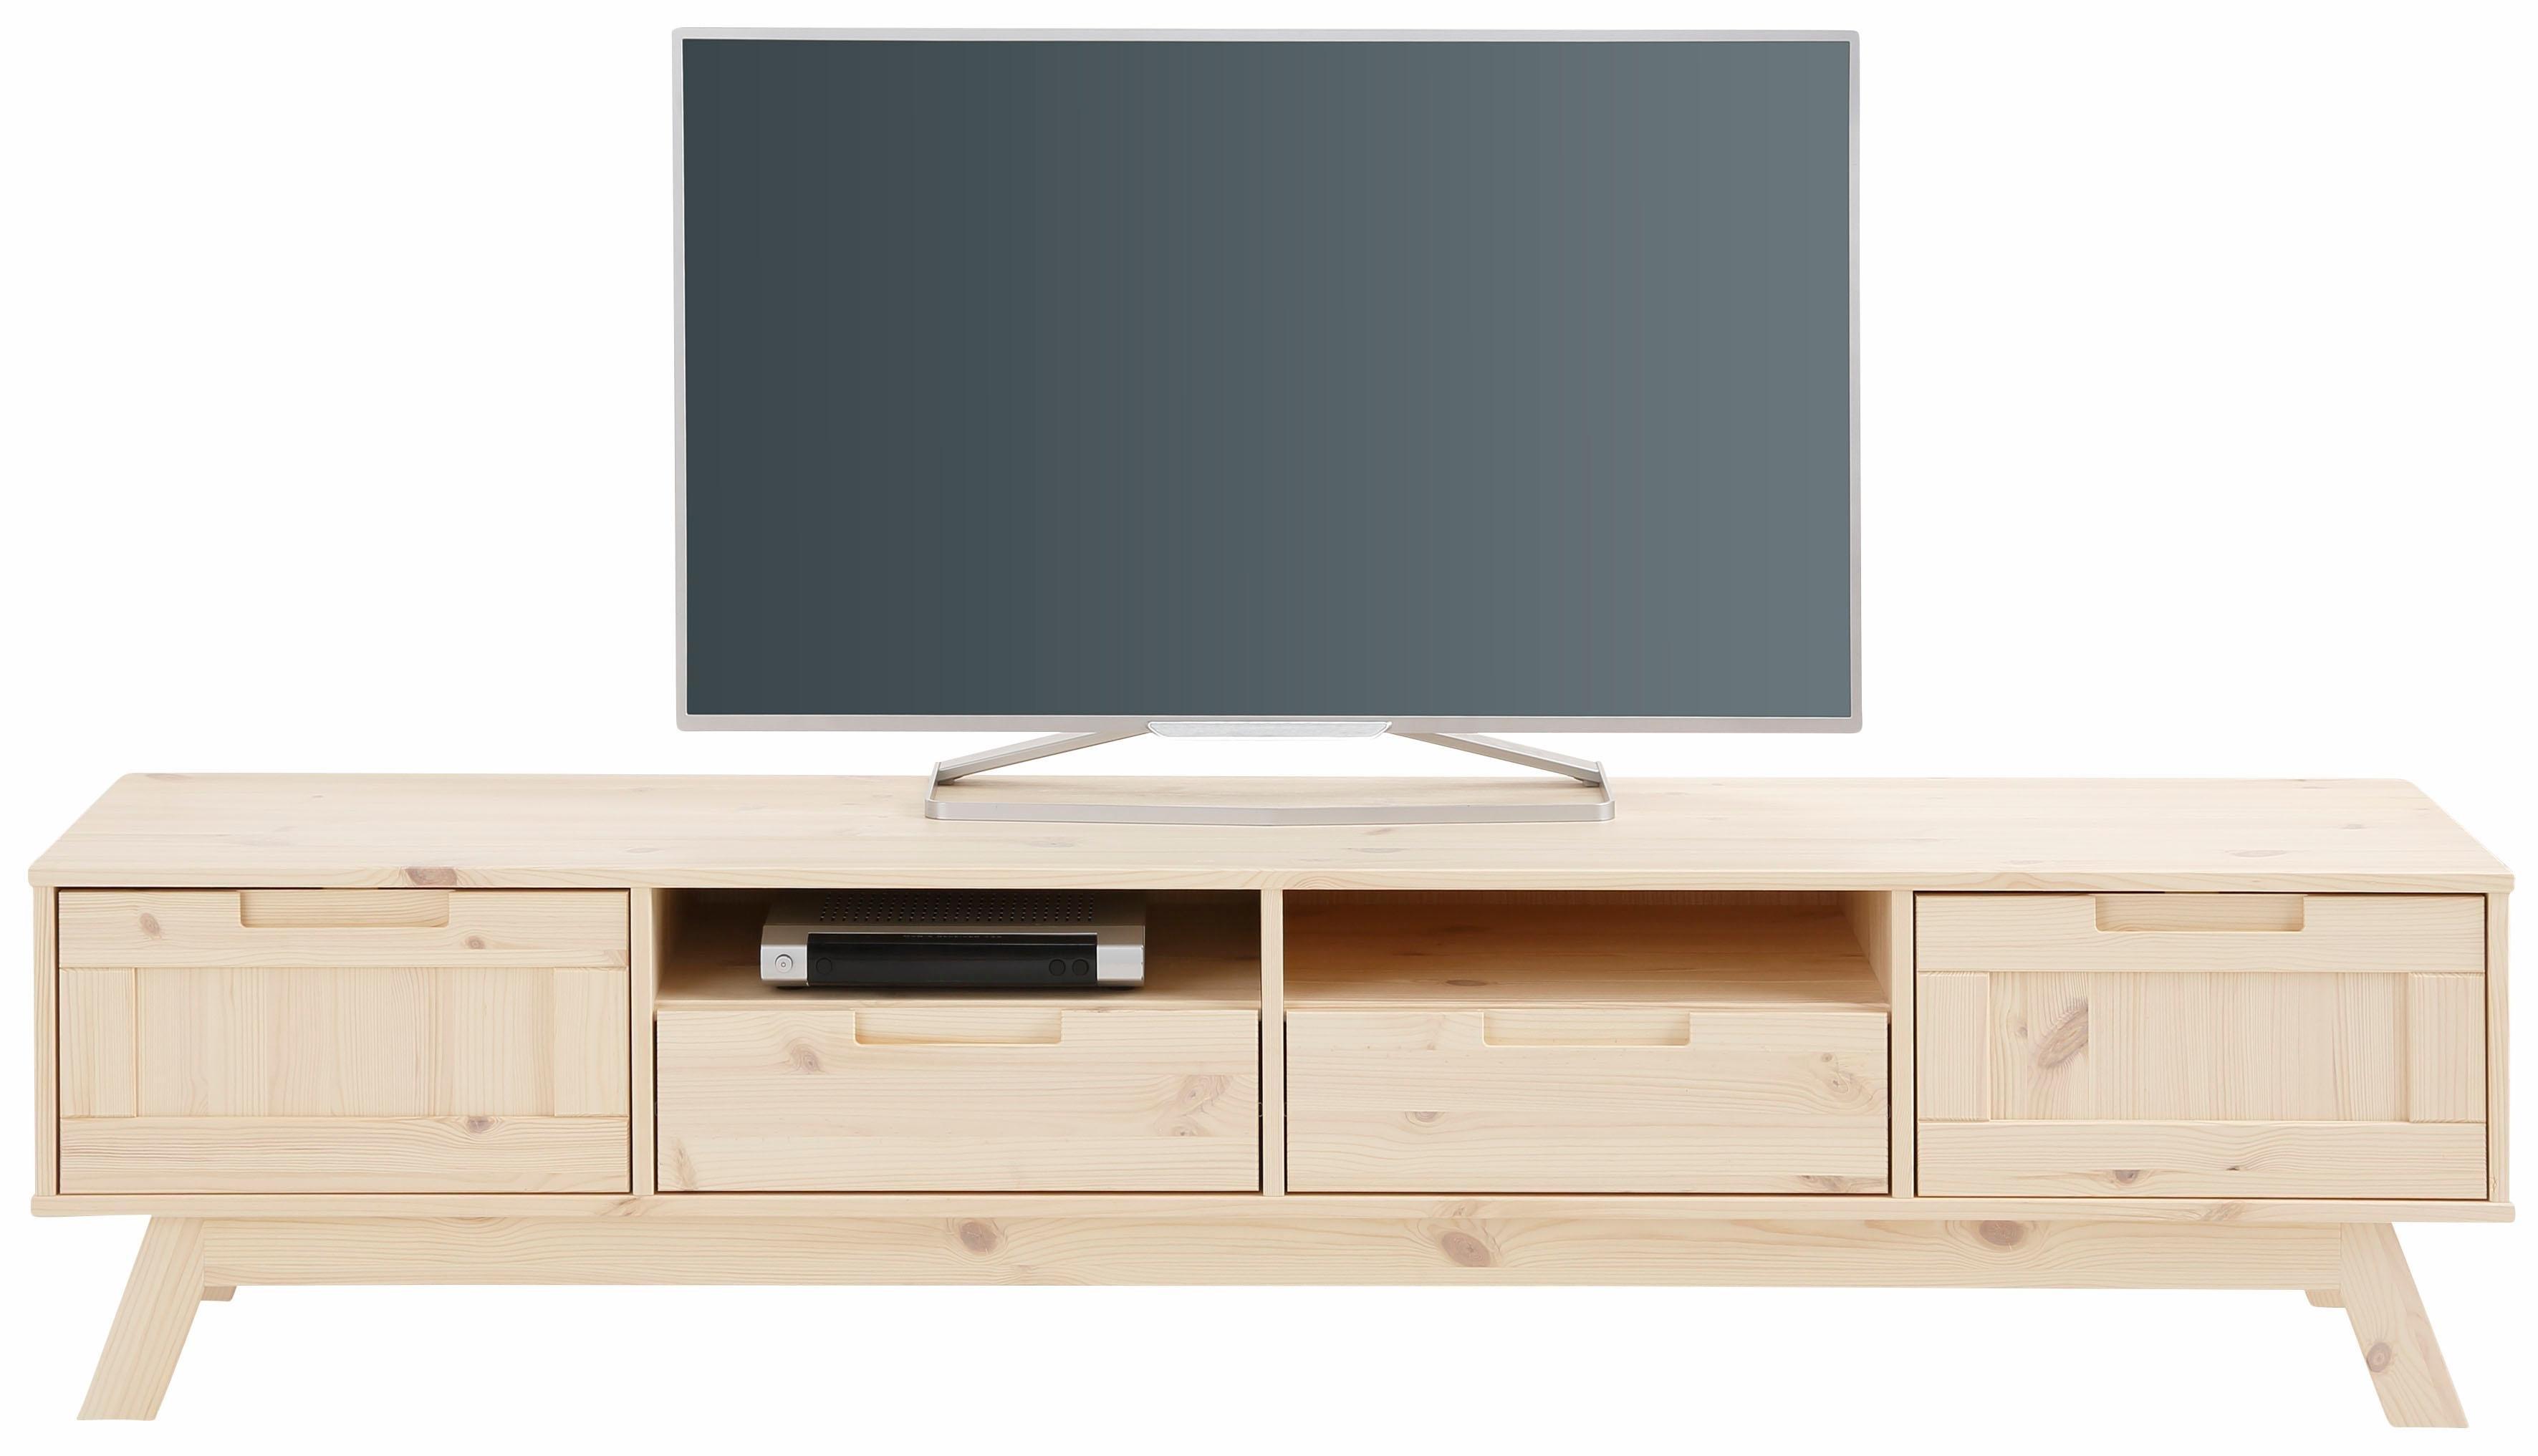 Tv Meubel Ohio In Traditioneel Design En Met Veel Opbergmogelijkheden 180 Cm Breed